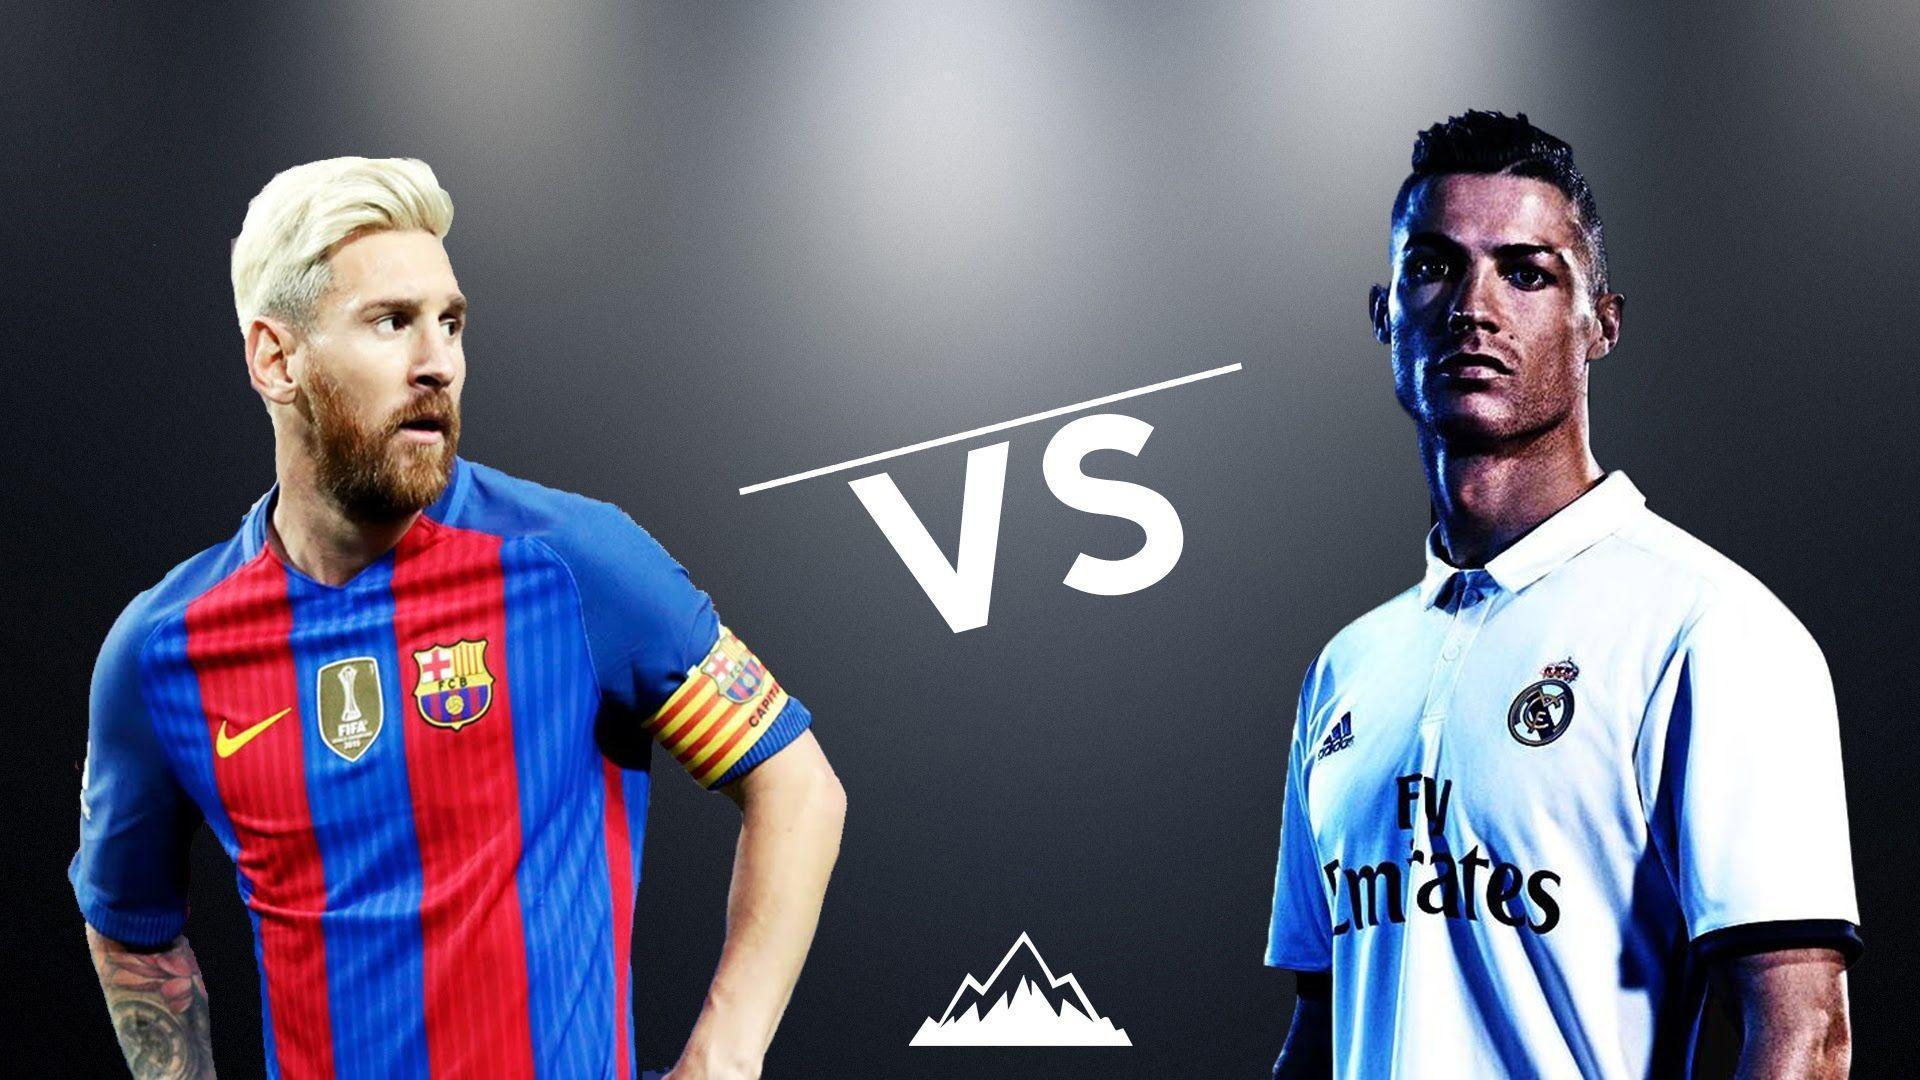 Free Download Cristiano Ronaldo Vs Lionel Messi 2017 Wallpapers